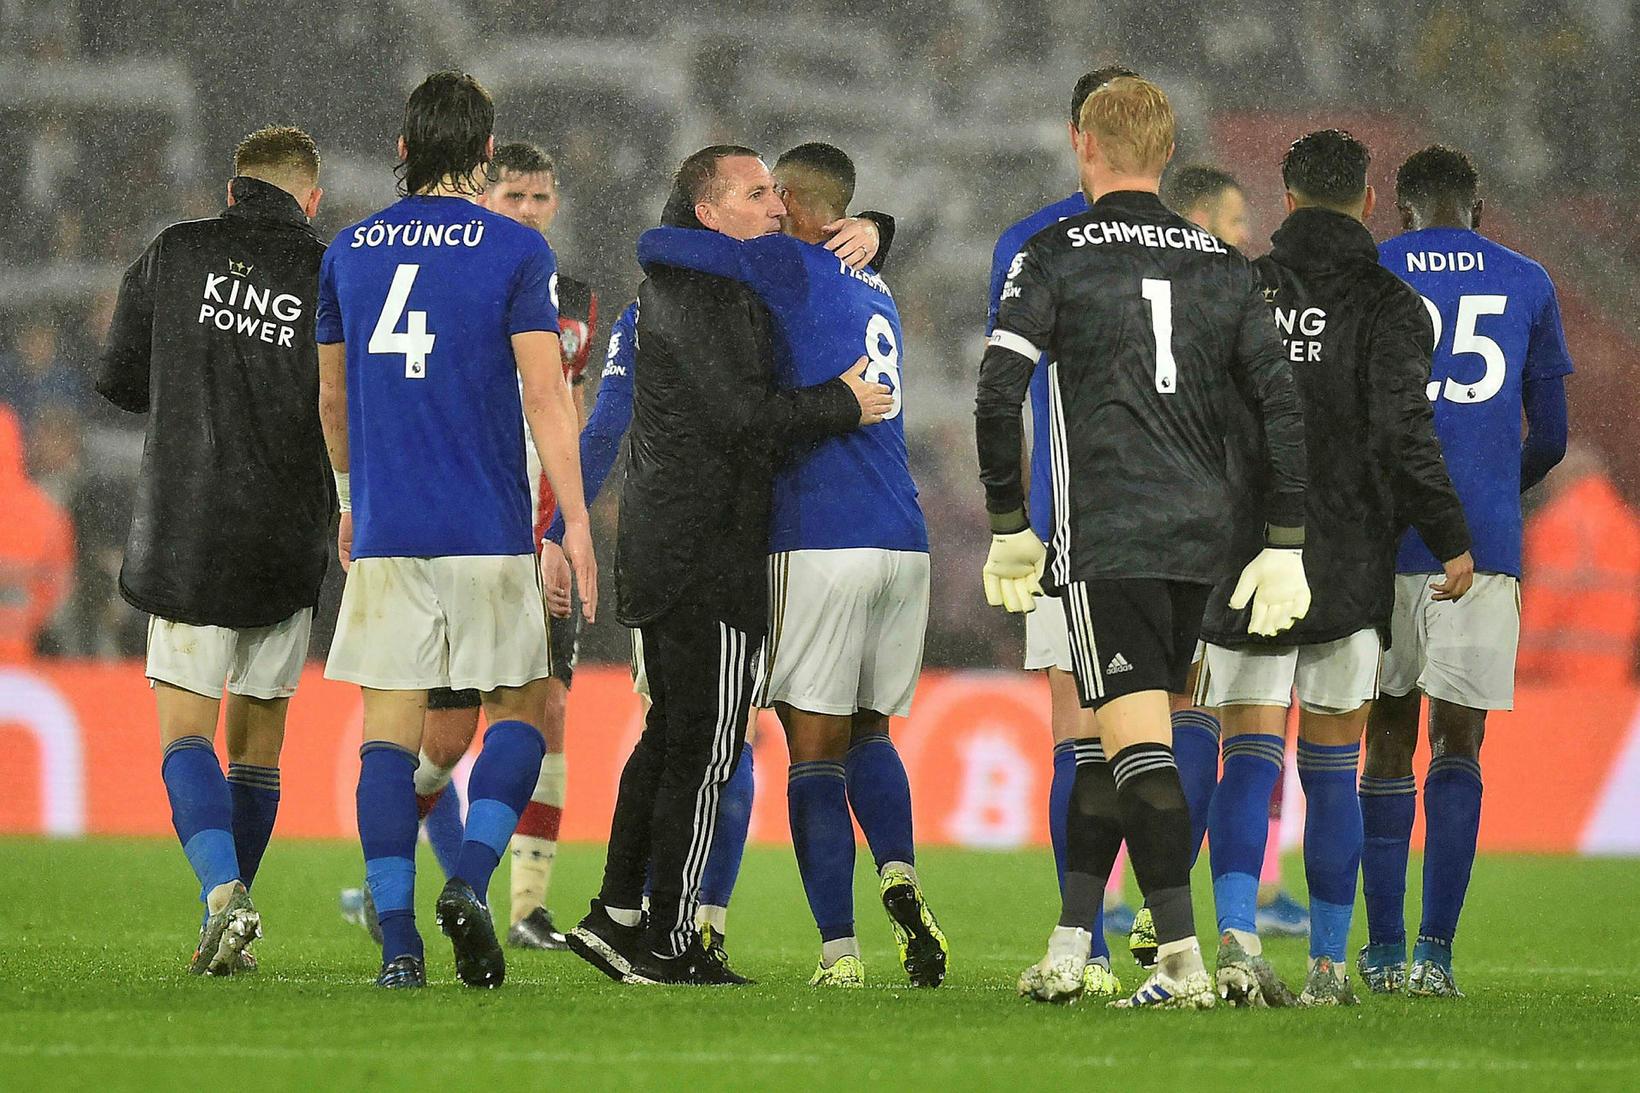 Leicester skoraði níu mörk gegn Southampton í gær.